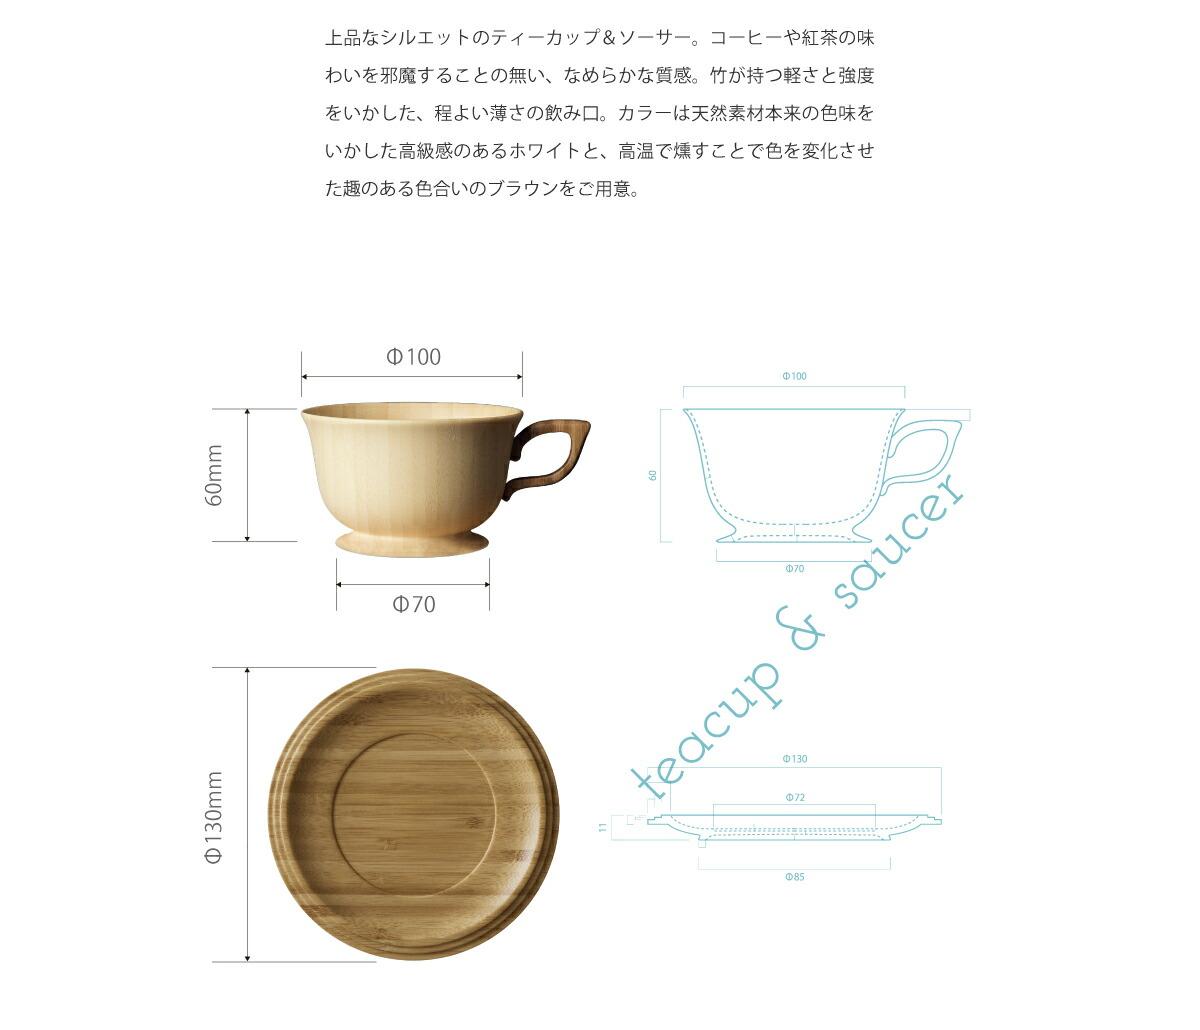 商品画像メイン02